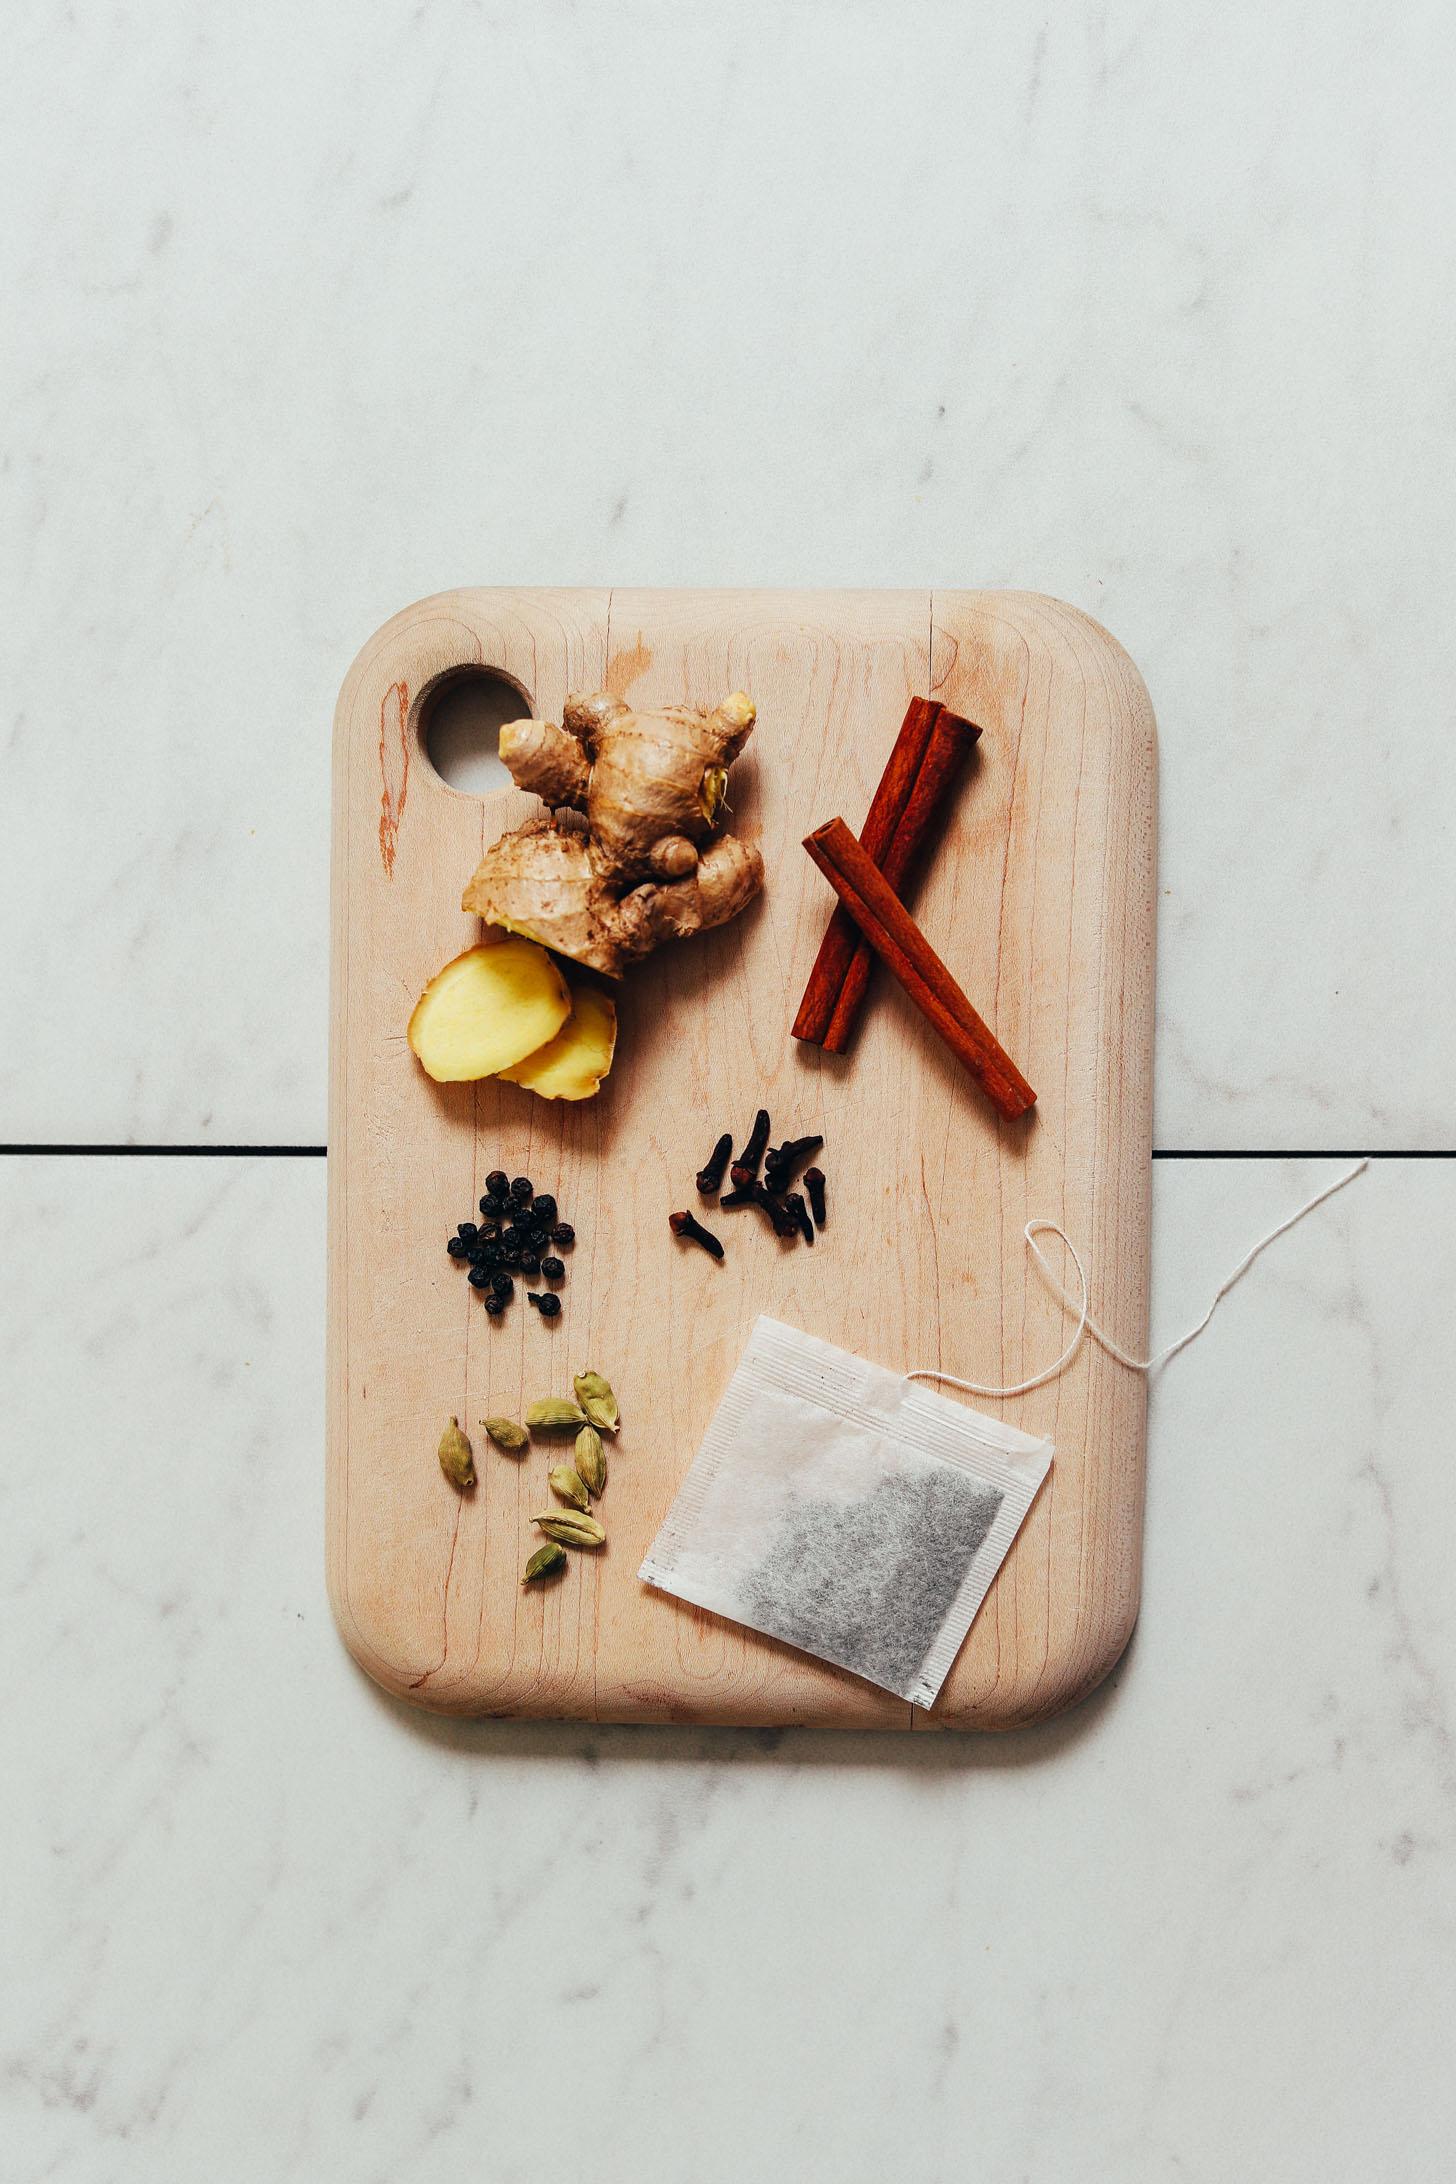 Ginger, cinnamon sticks, cloves, black pepper, cardamom pods, and black tea for making our homemade Chai Tea Recipe